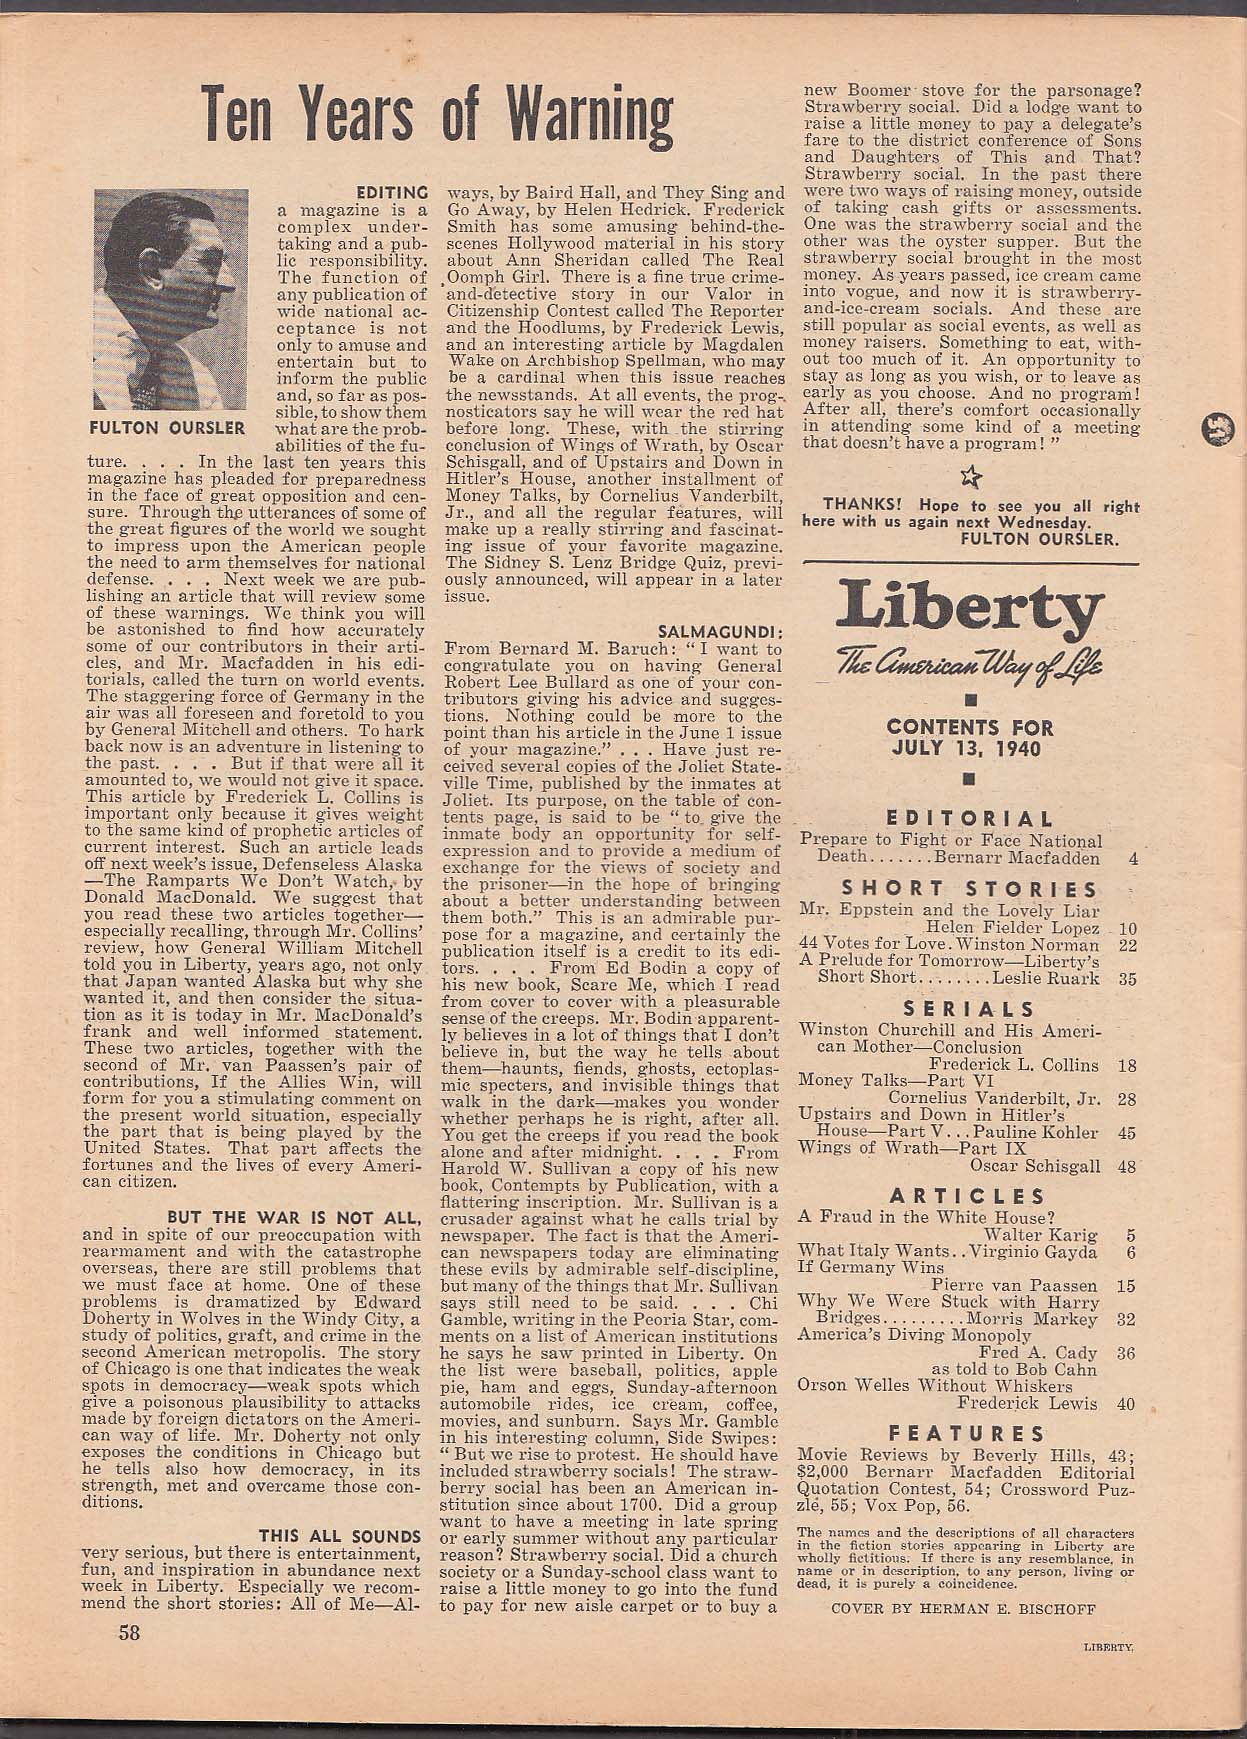 LIBERTY Bischoff pin-up cover Winston Churchill Bernarr Macfadden ++ 7/13 1940